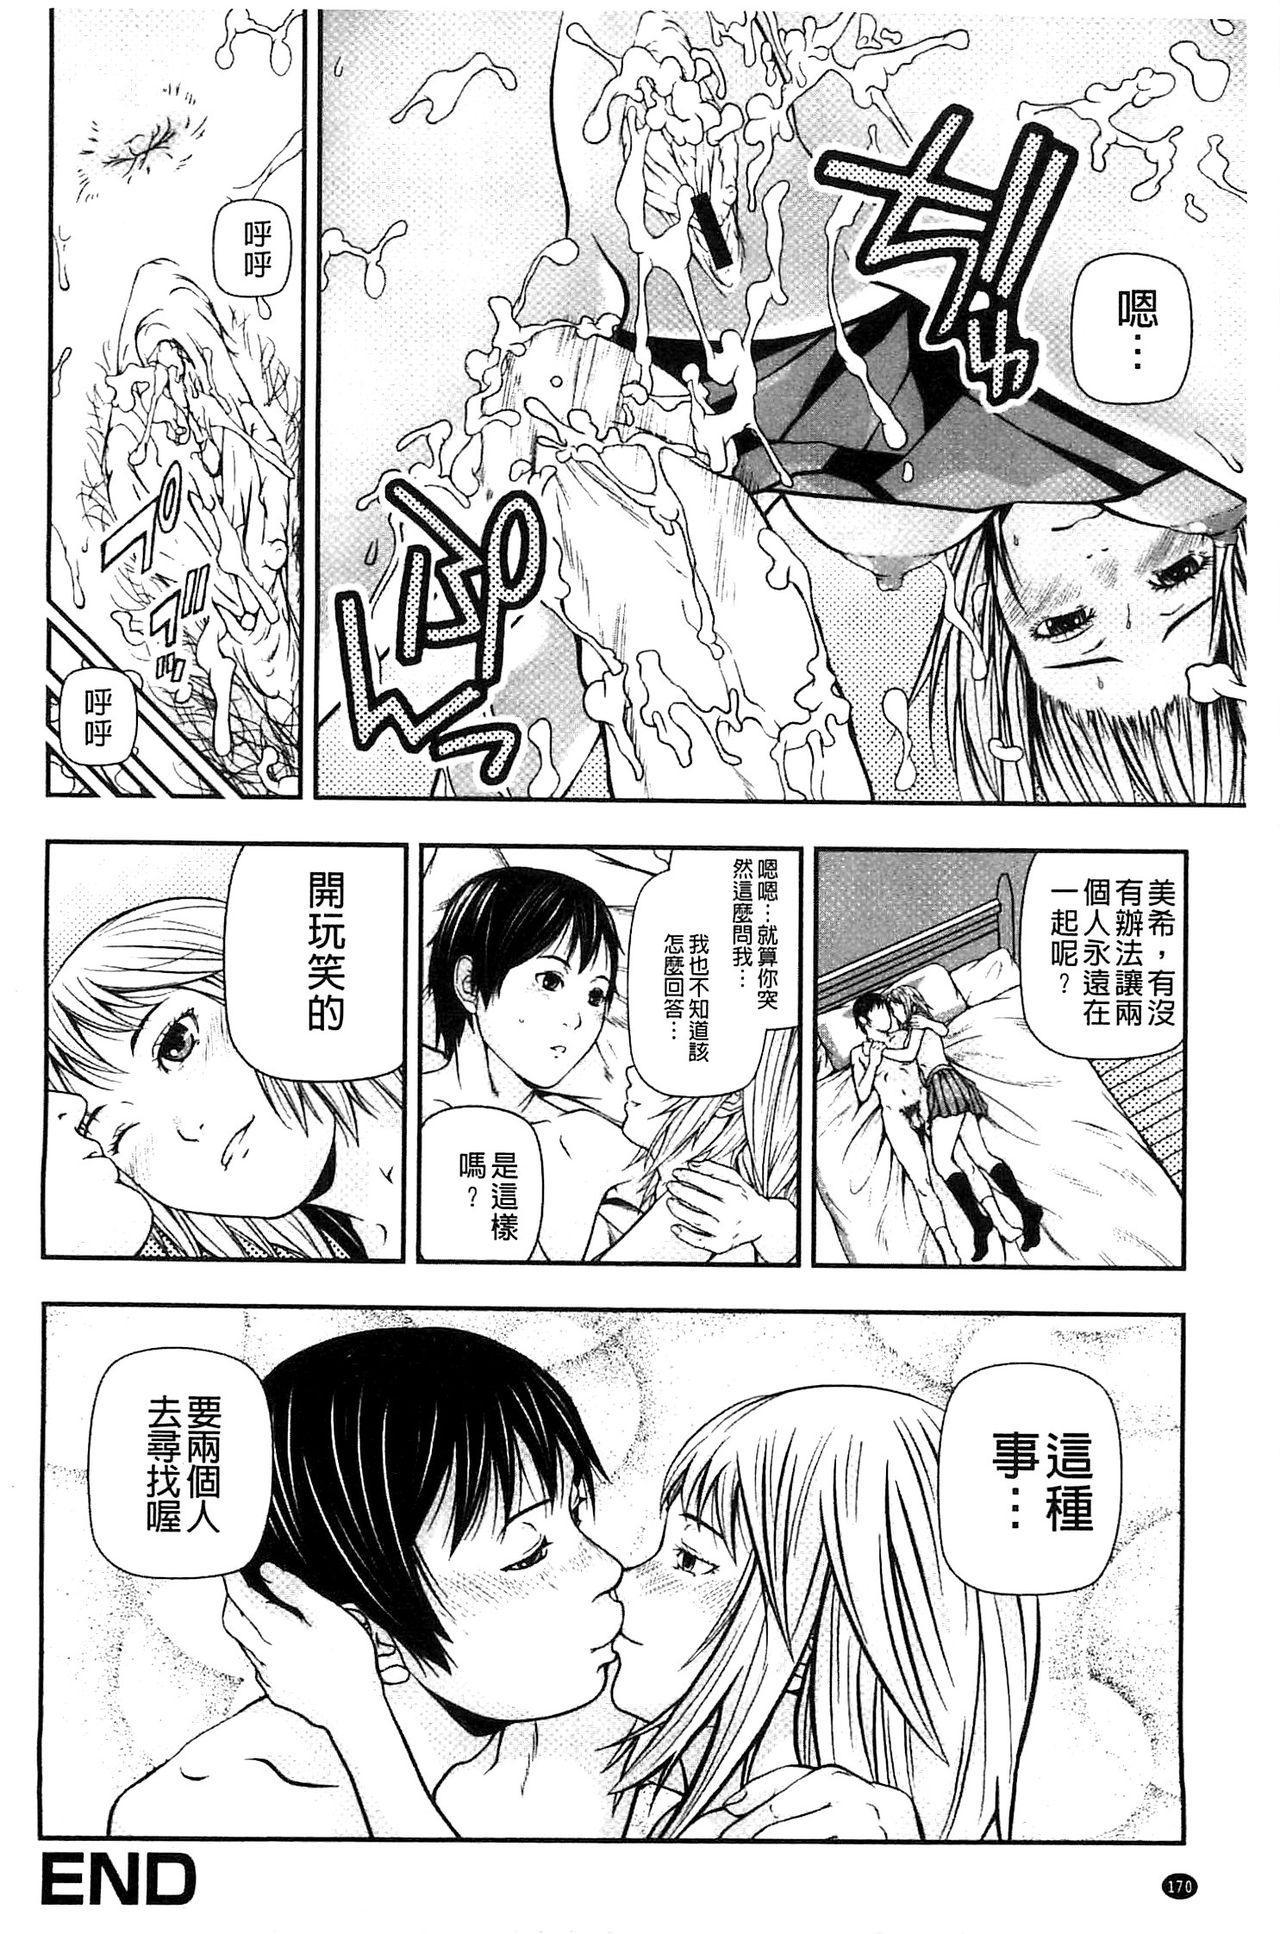 Koijirushi Love Milk | 戀印愛慾鮮乳 171